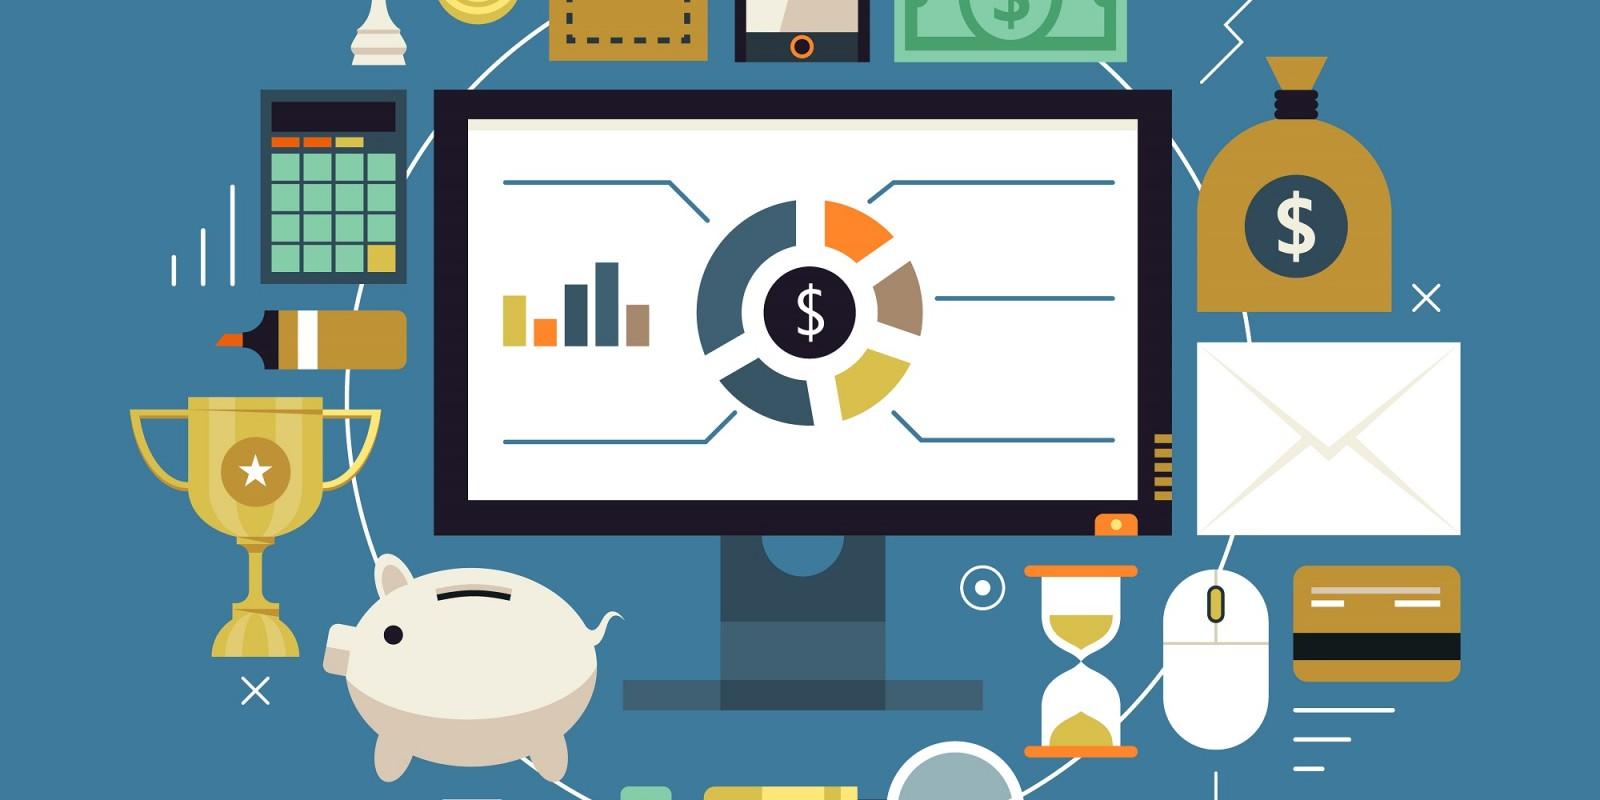 Recursos para iniciar un negocio en línea